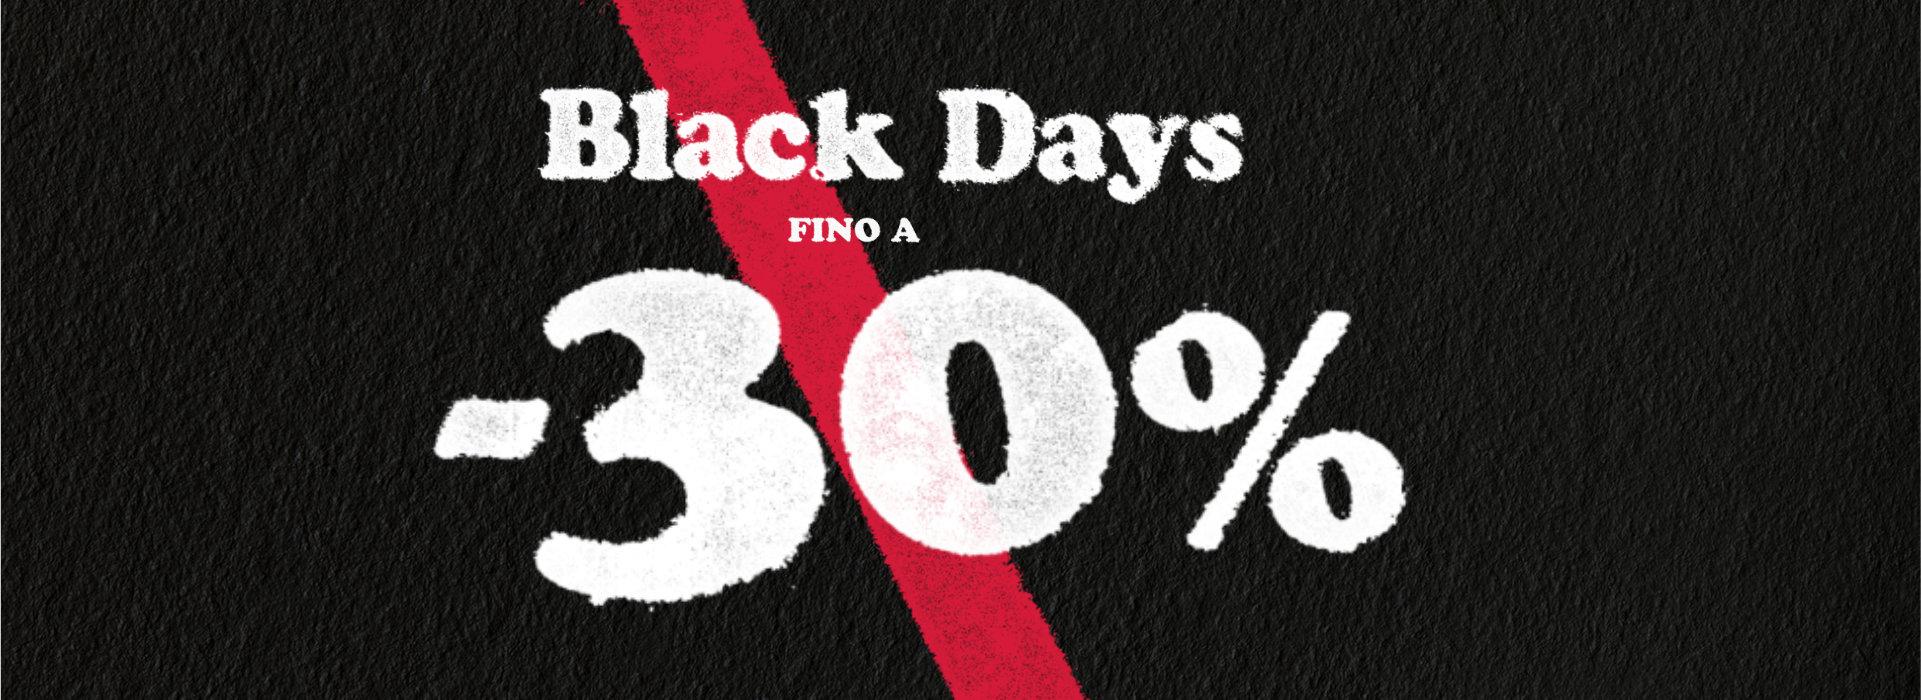 Blackdays Promo Fino al 30% sulla collezione Autunno/Inverno